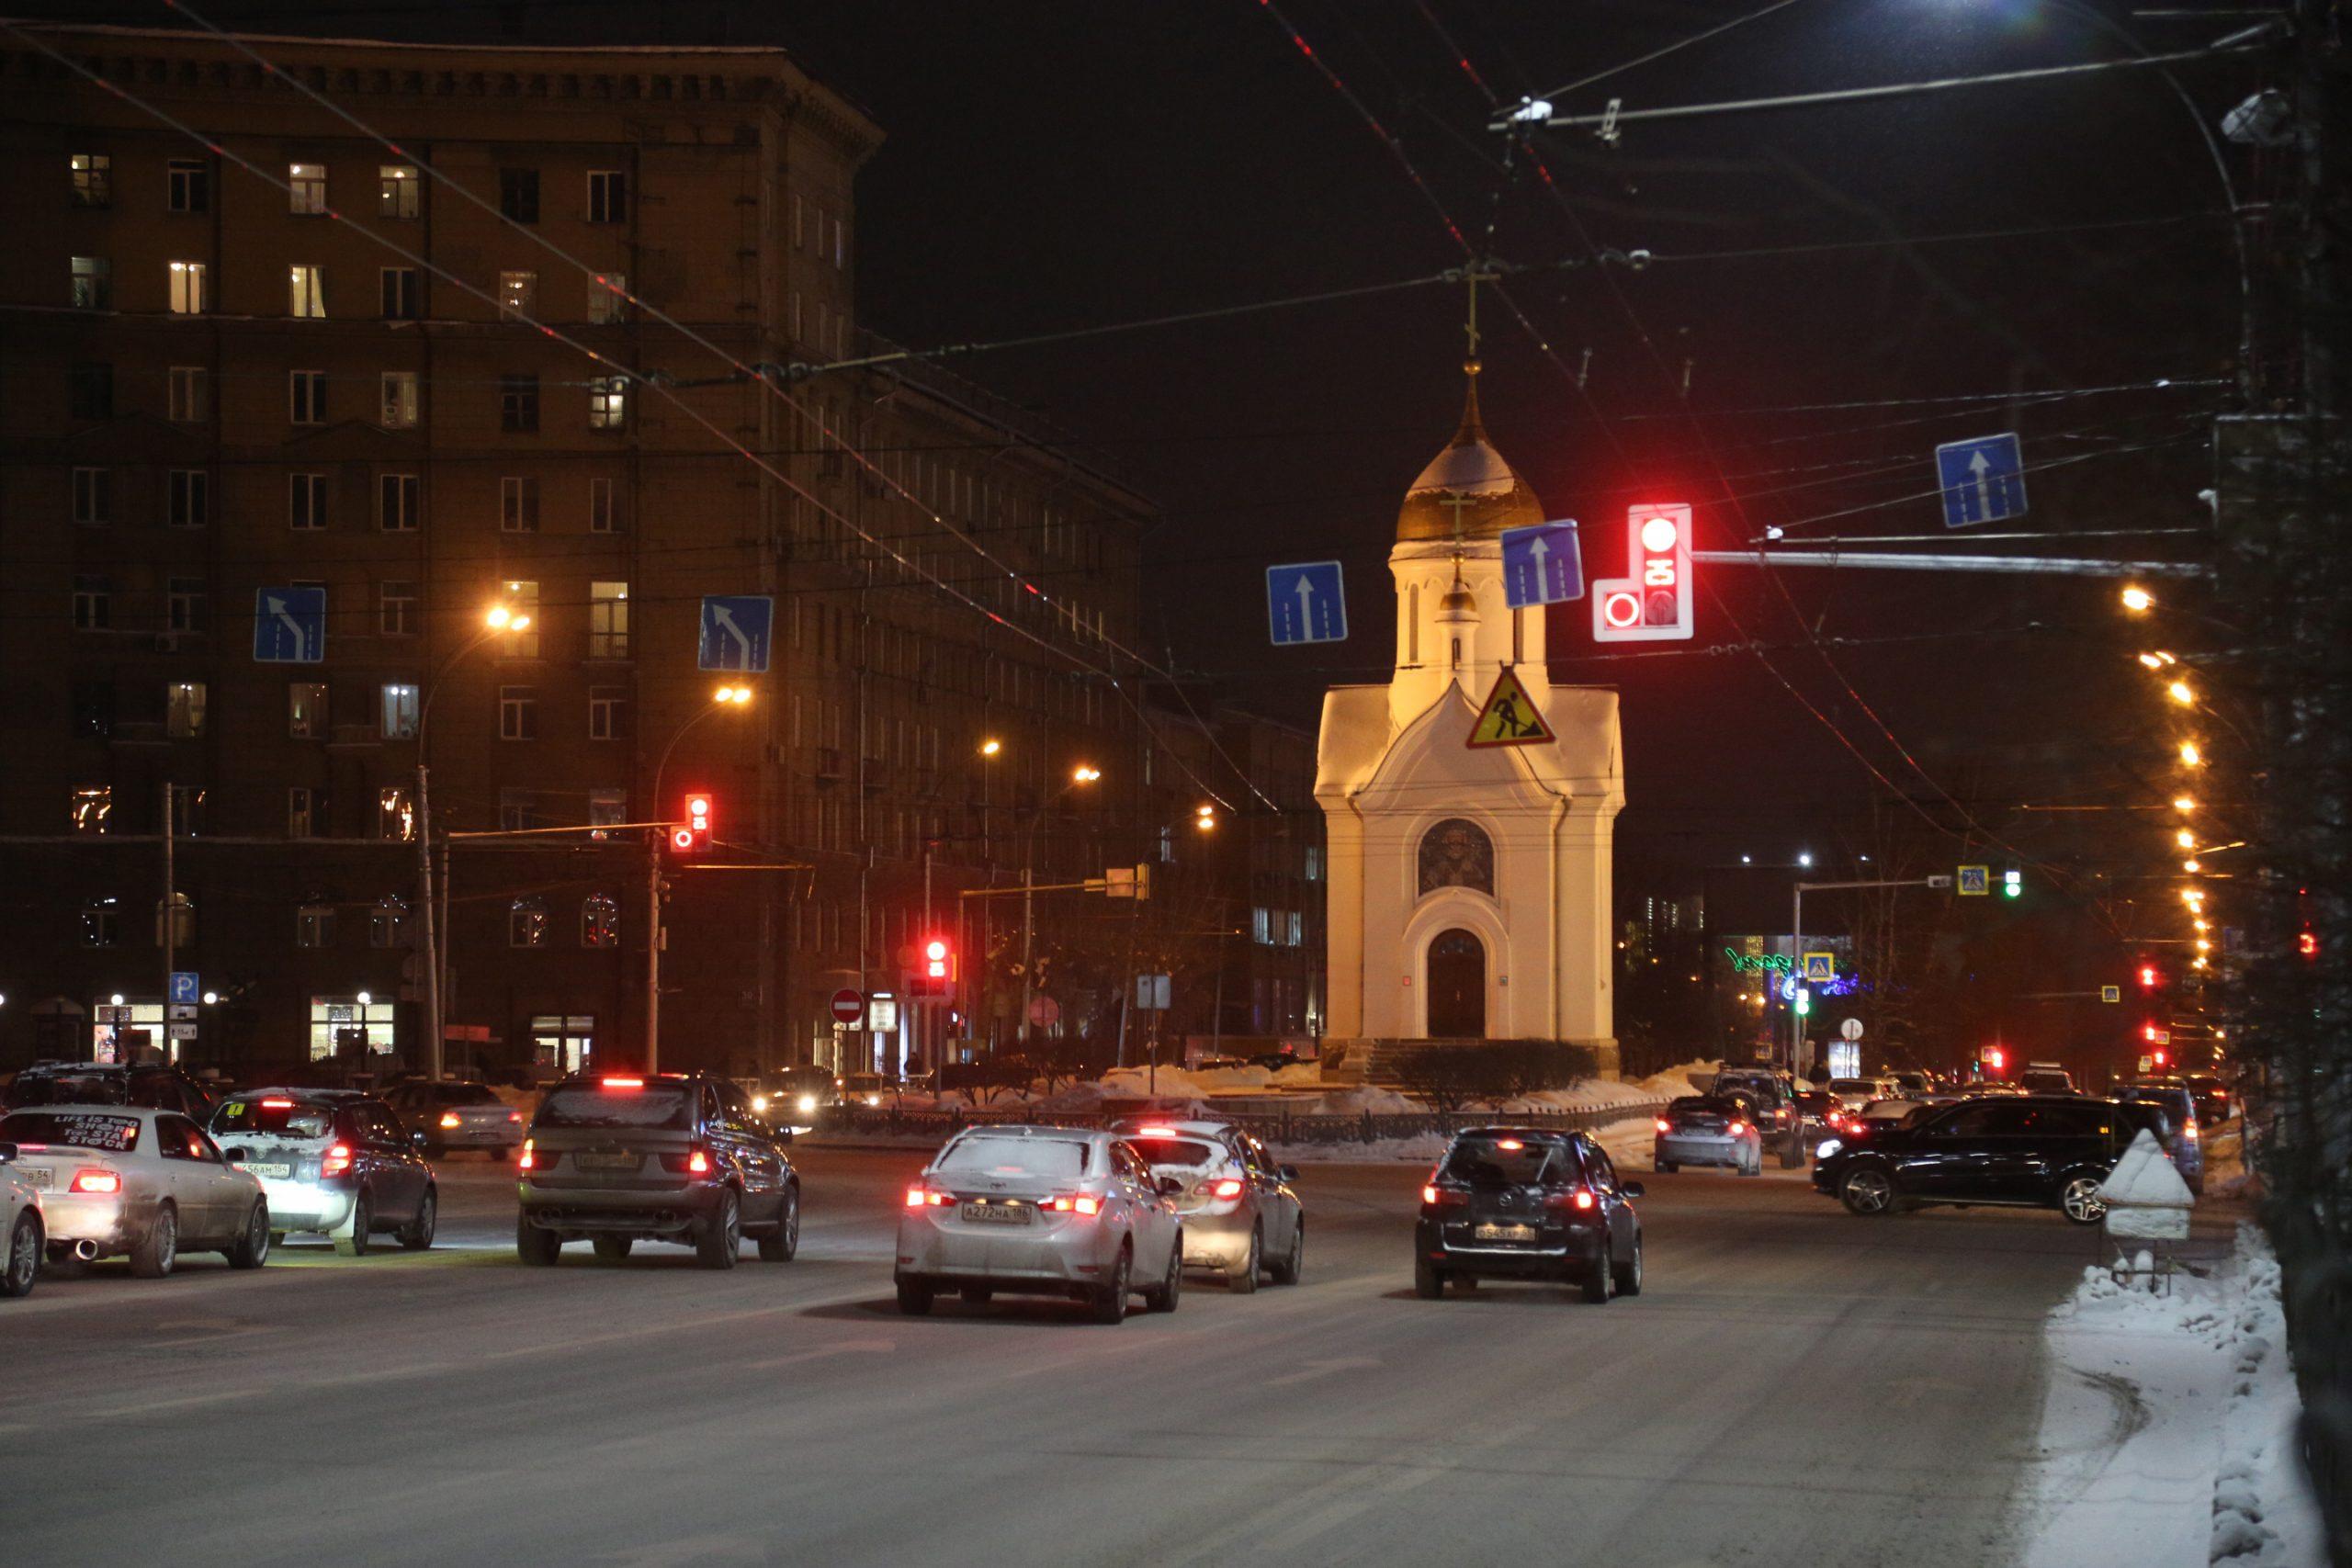 Светофор у часовни усилил пробки, считают автомобилисты Новосибирска